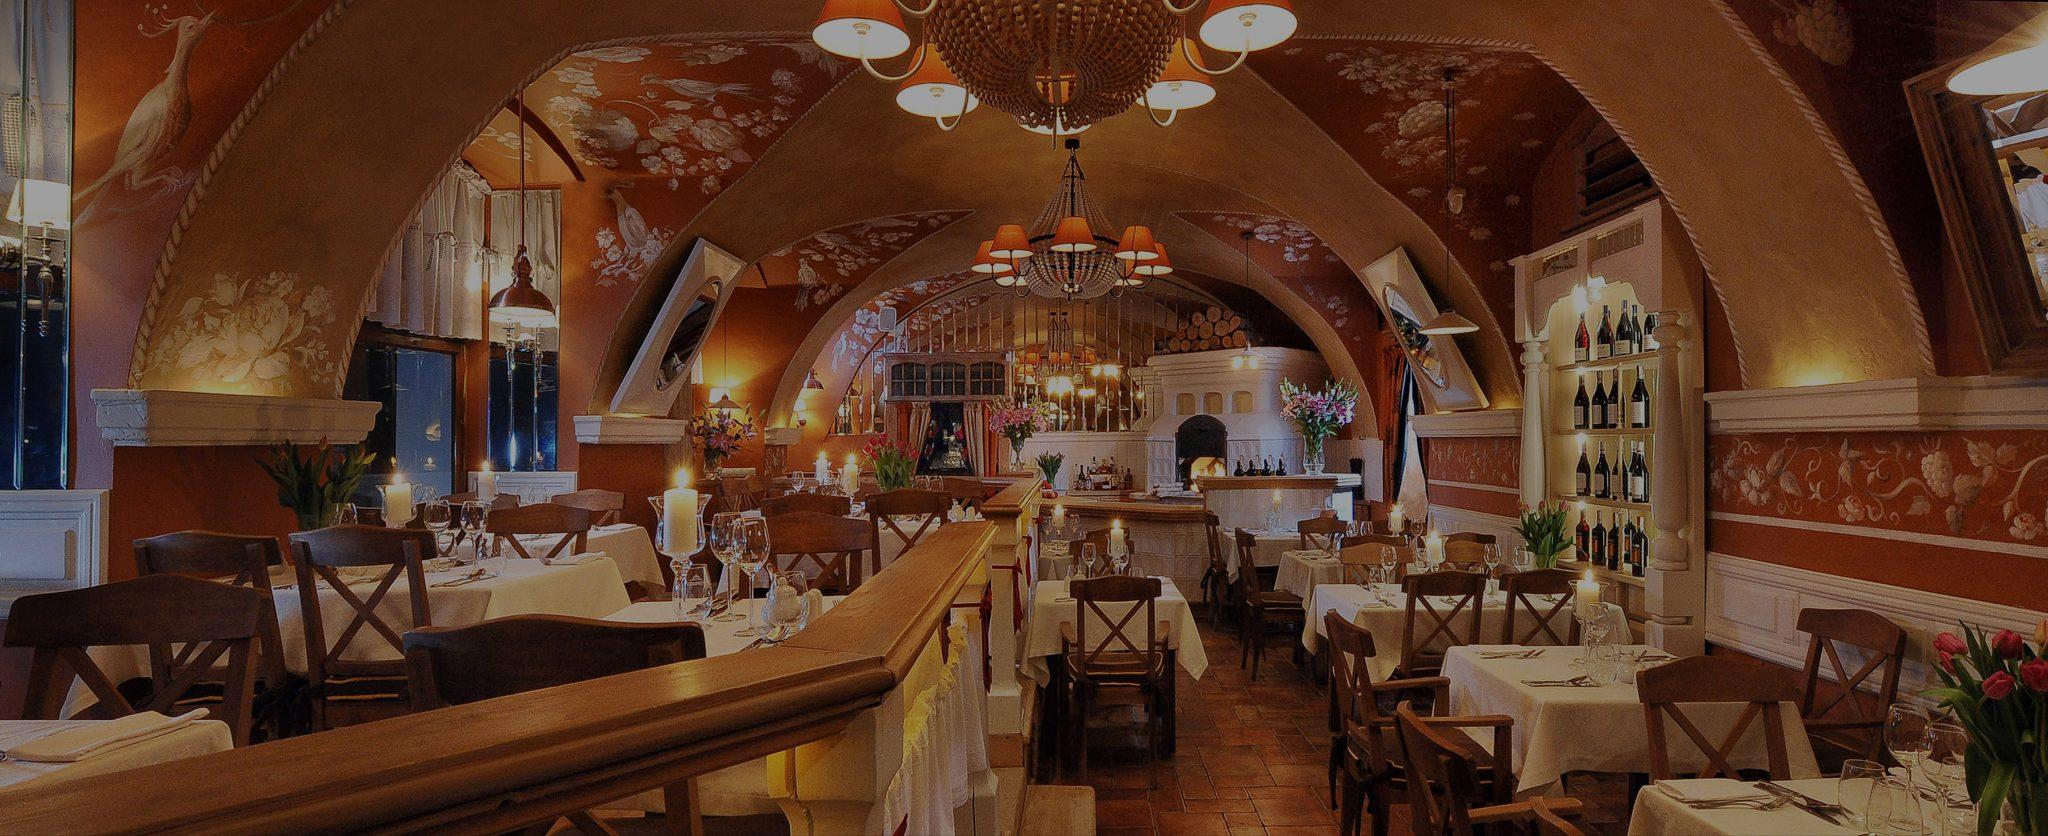 Miód Malina Restauracja Kraków Kuchnia Polsko Włoska W